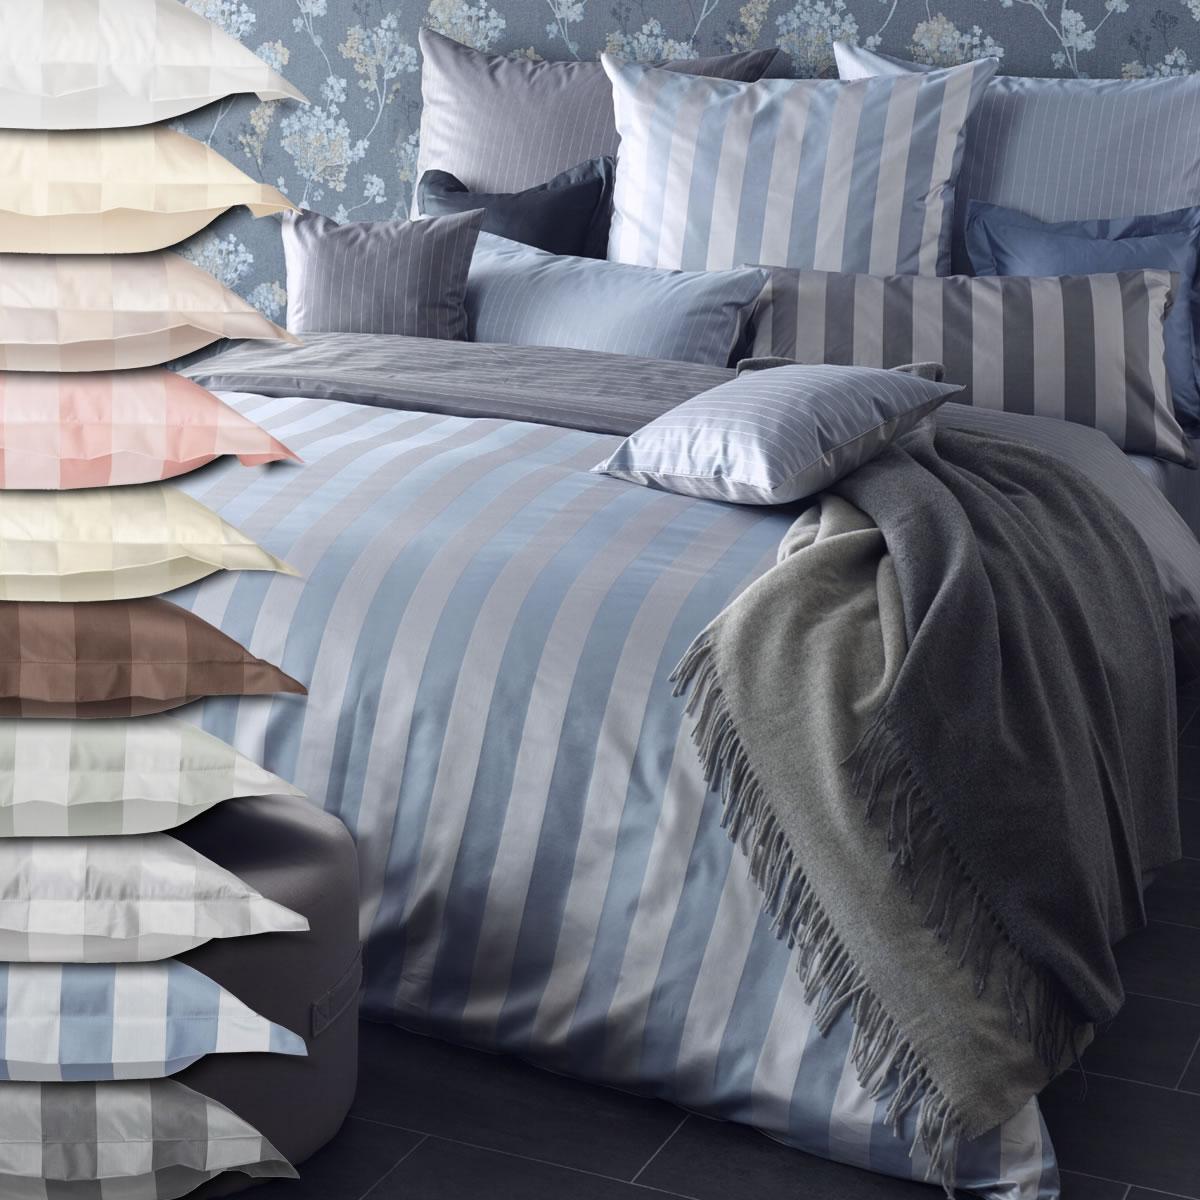 curt bauer mako brokat damast bettw sche programm como design 2044. Black Bedroom Furniture Sets. Home Design Ideas